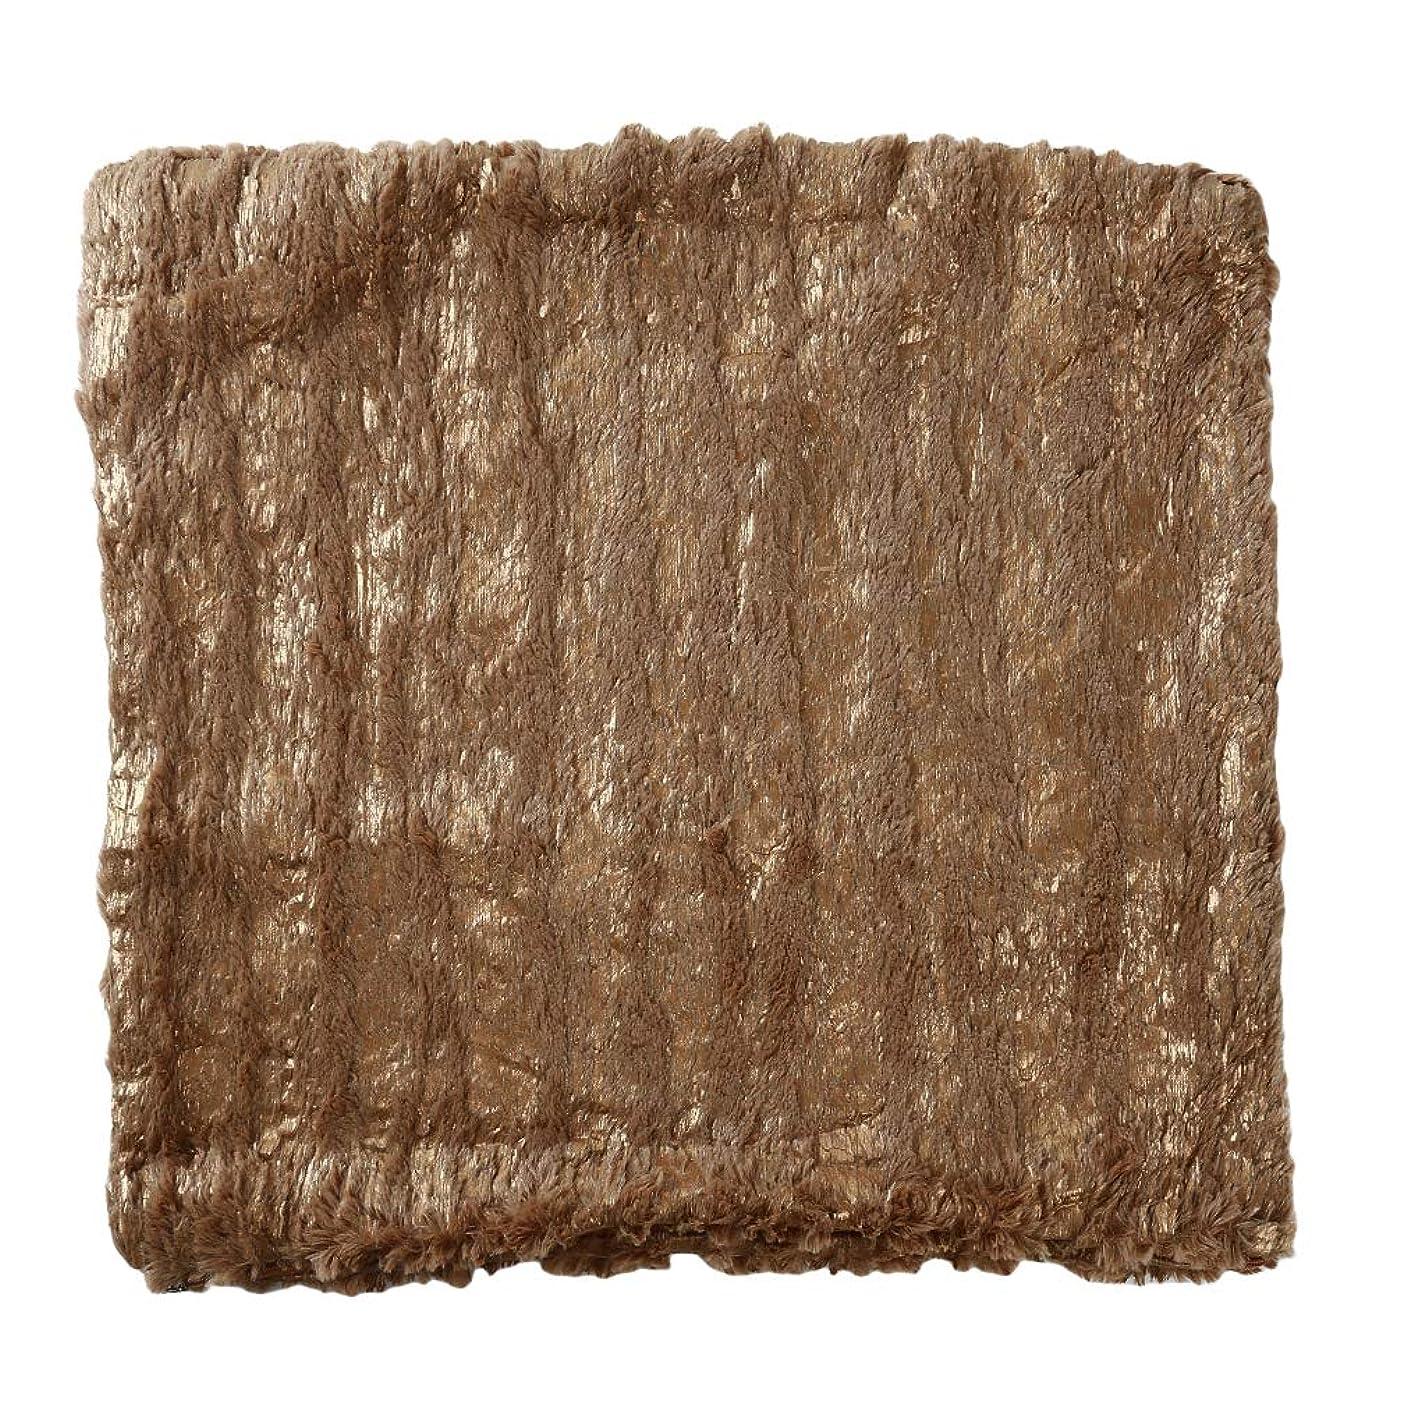 最適クライストチャーチ取り戻すNoonlity クッションカバー 枕カバー 装飾枕ケース 座布団カバー おしゃれ 雰囲気 ソファ背当て 部屋飾り ブラウン